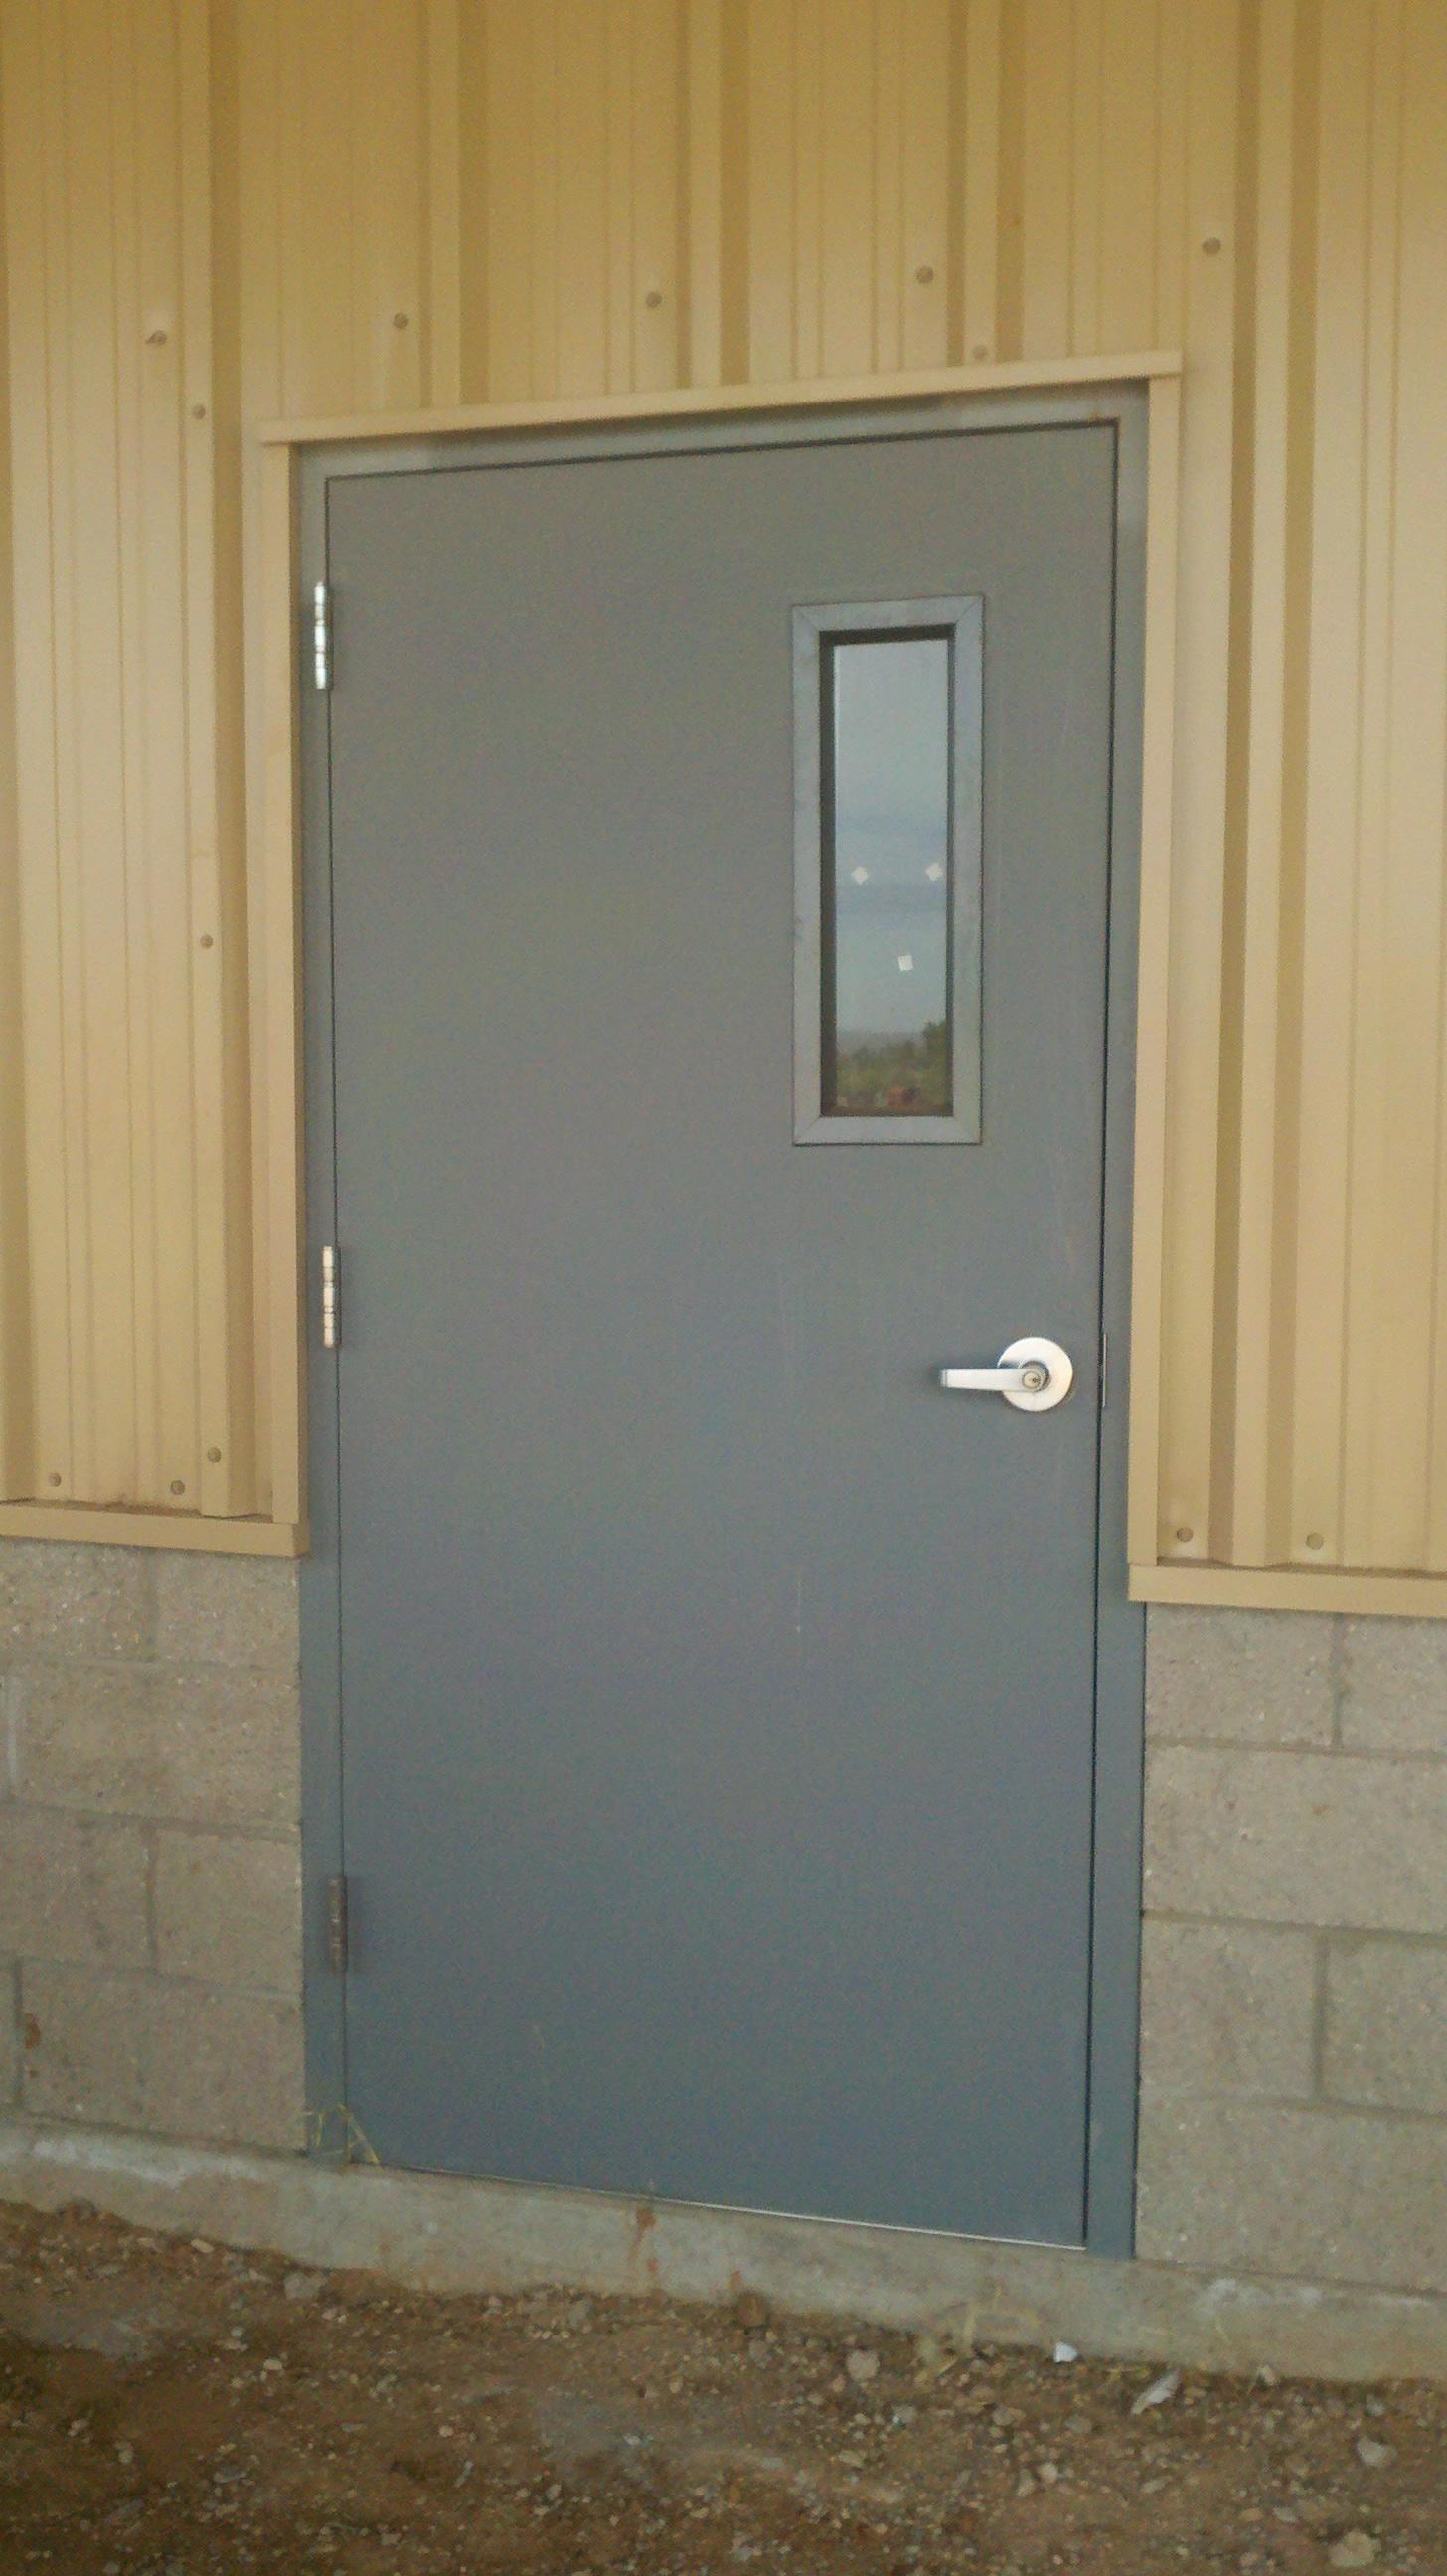 Preece overhead door